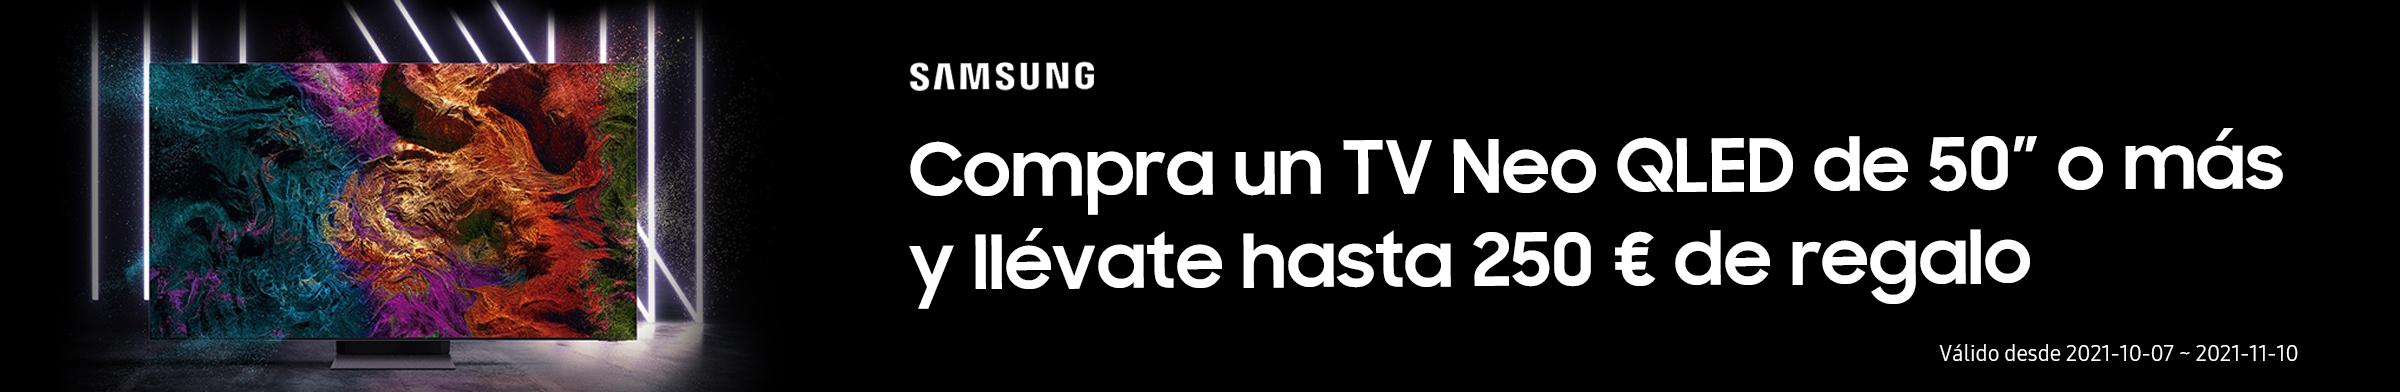 """Compra un TV Neo QLED de 50"""" o más y llévate hasta 250 € de regalo"""